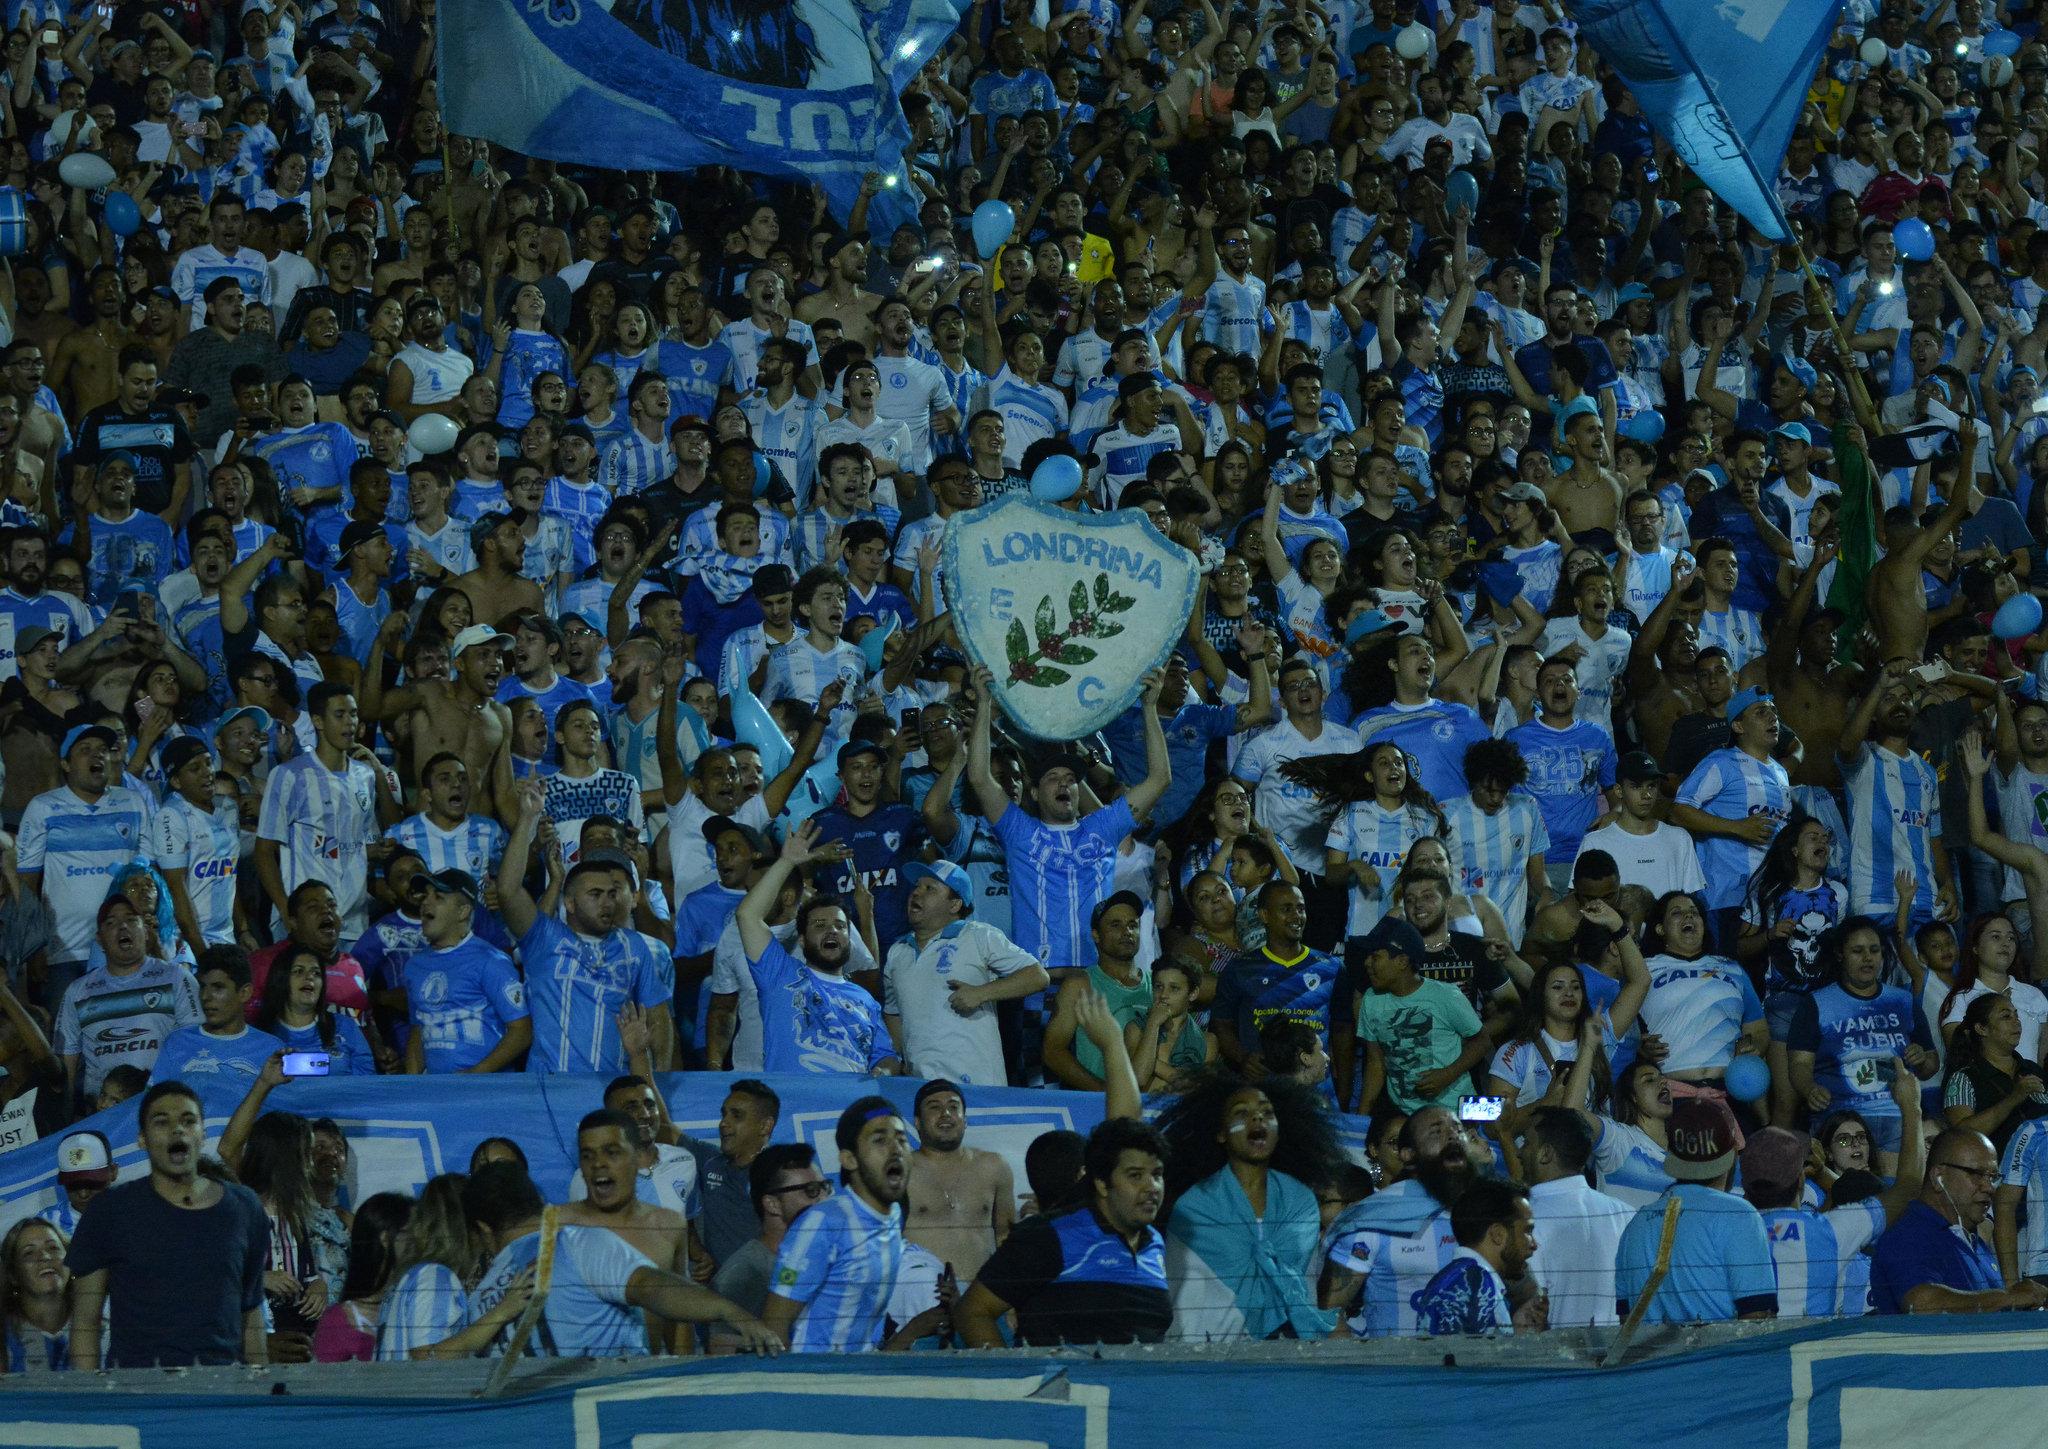 Londrina faz promoção de ingressos para próximos dois jogos no Estádio do Café